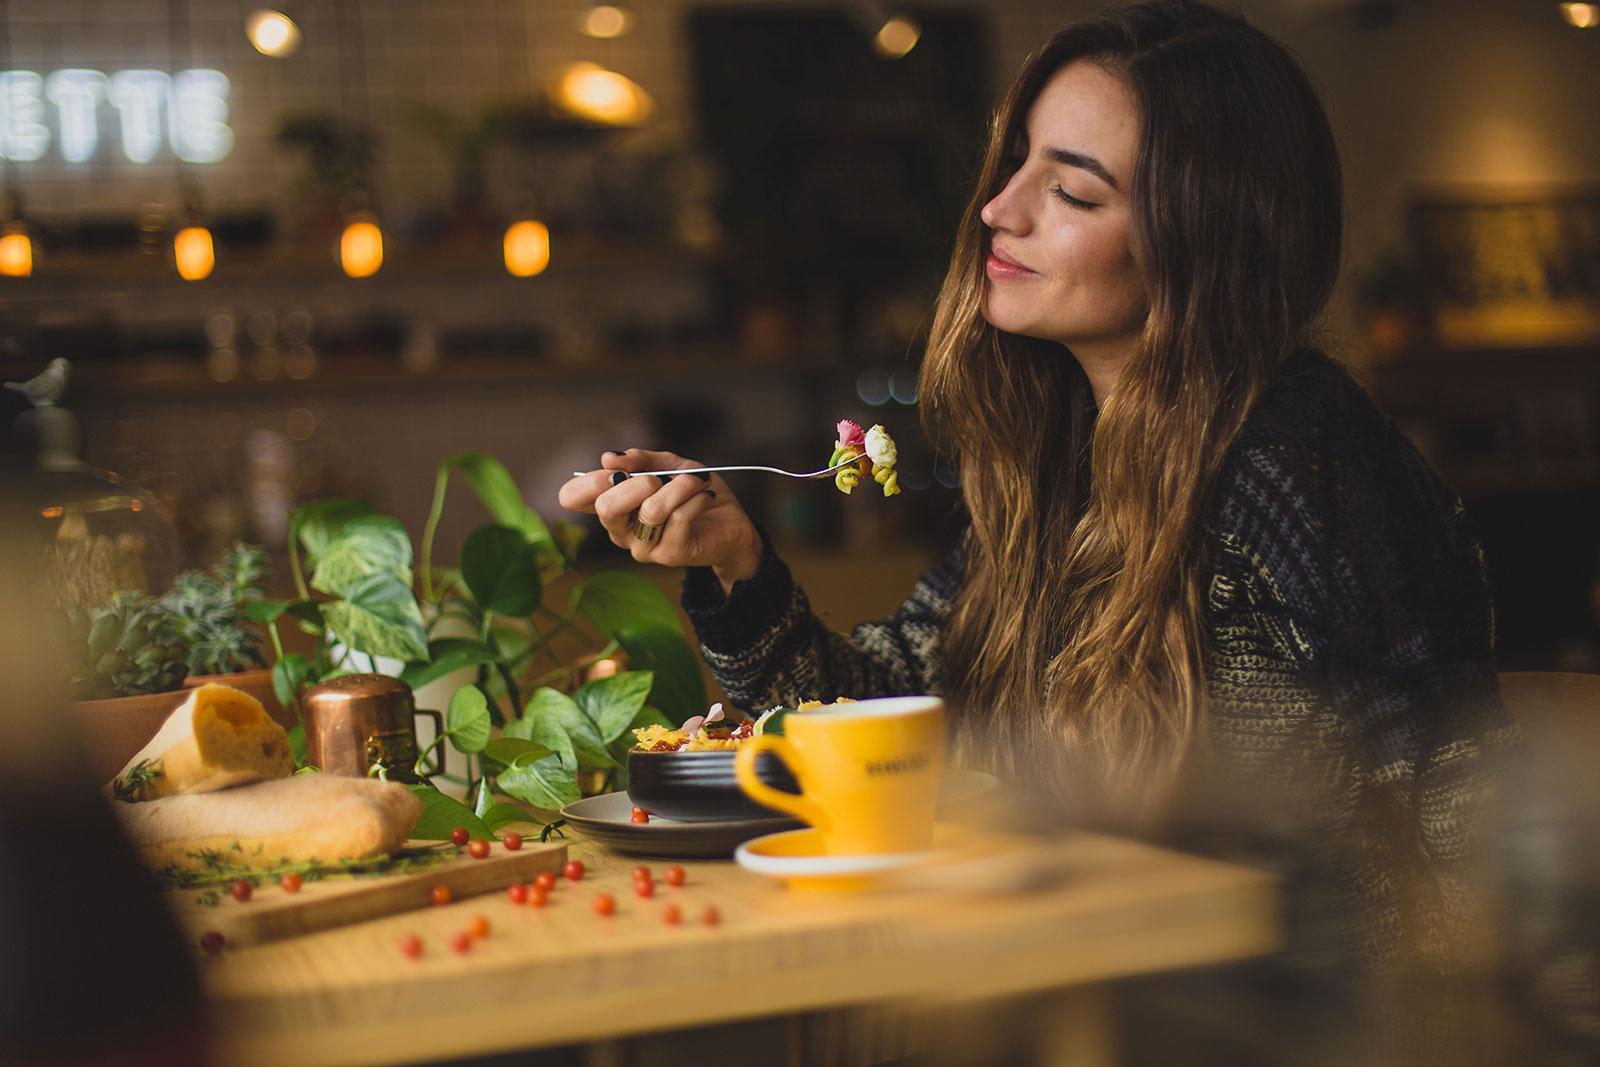 immagine con ragazza che mangia pasta